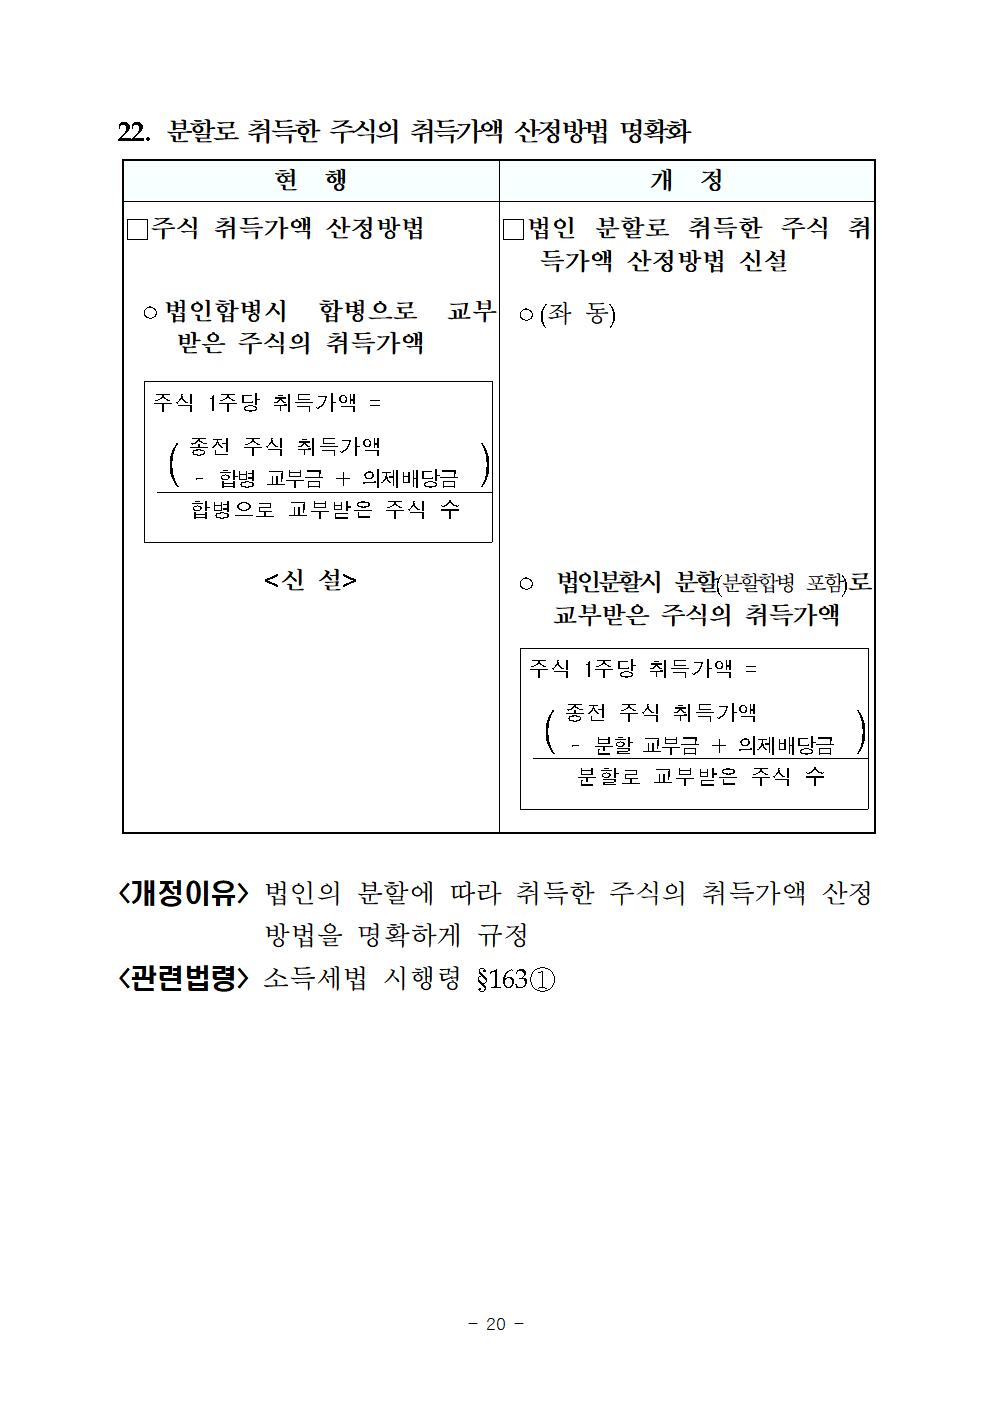 2019년세법개정내용(양도소득세분야)025.png